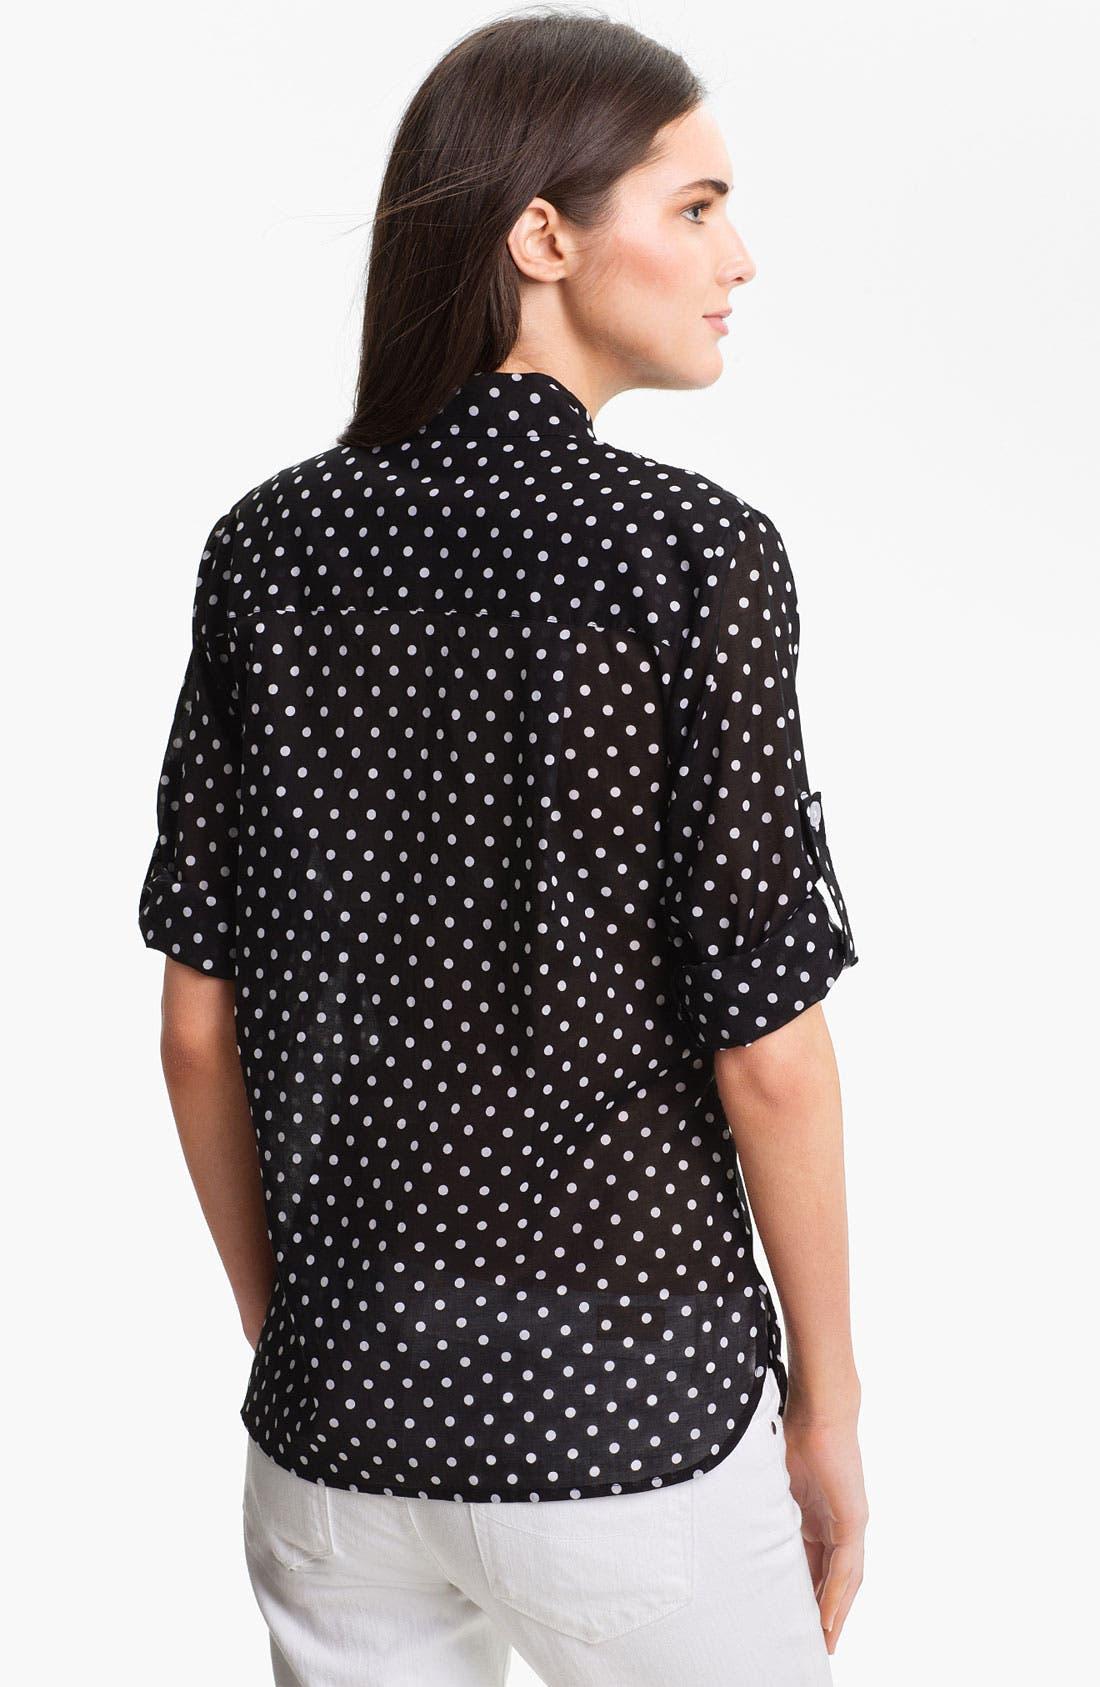 Alternate Image 2  - Bellefleur Roll Sleeve Polka Dot Shirt